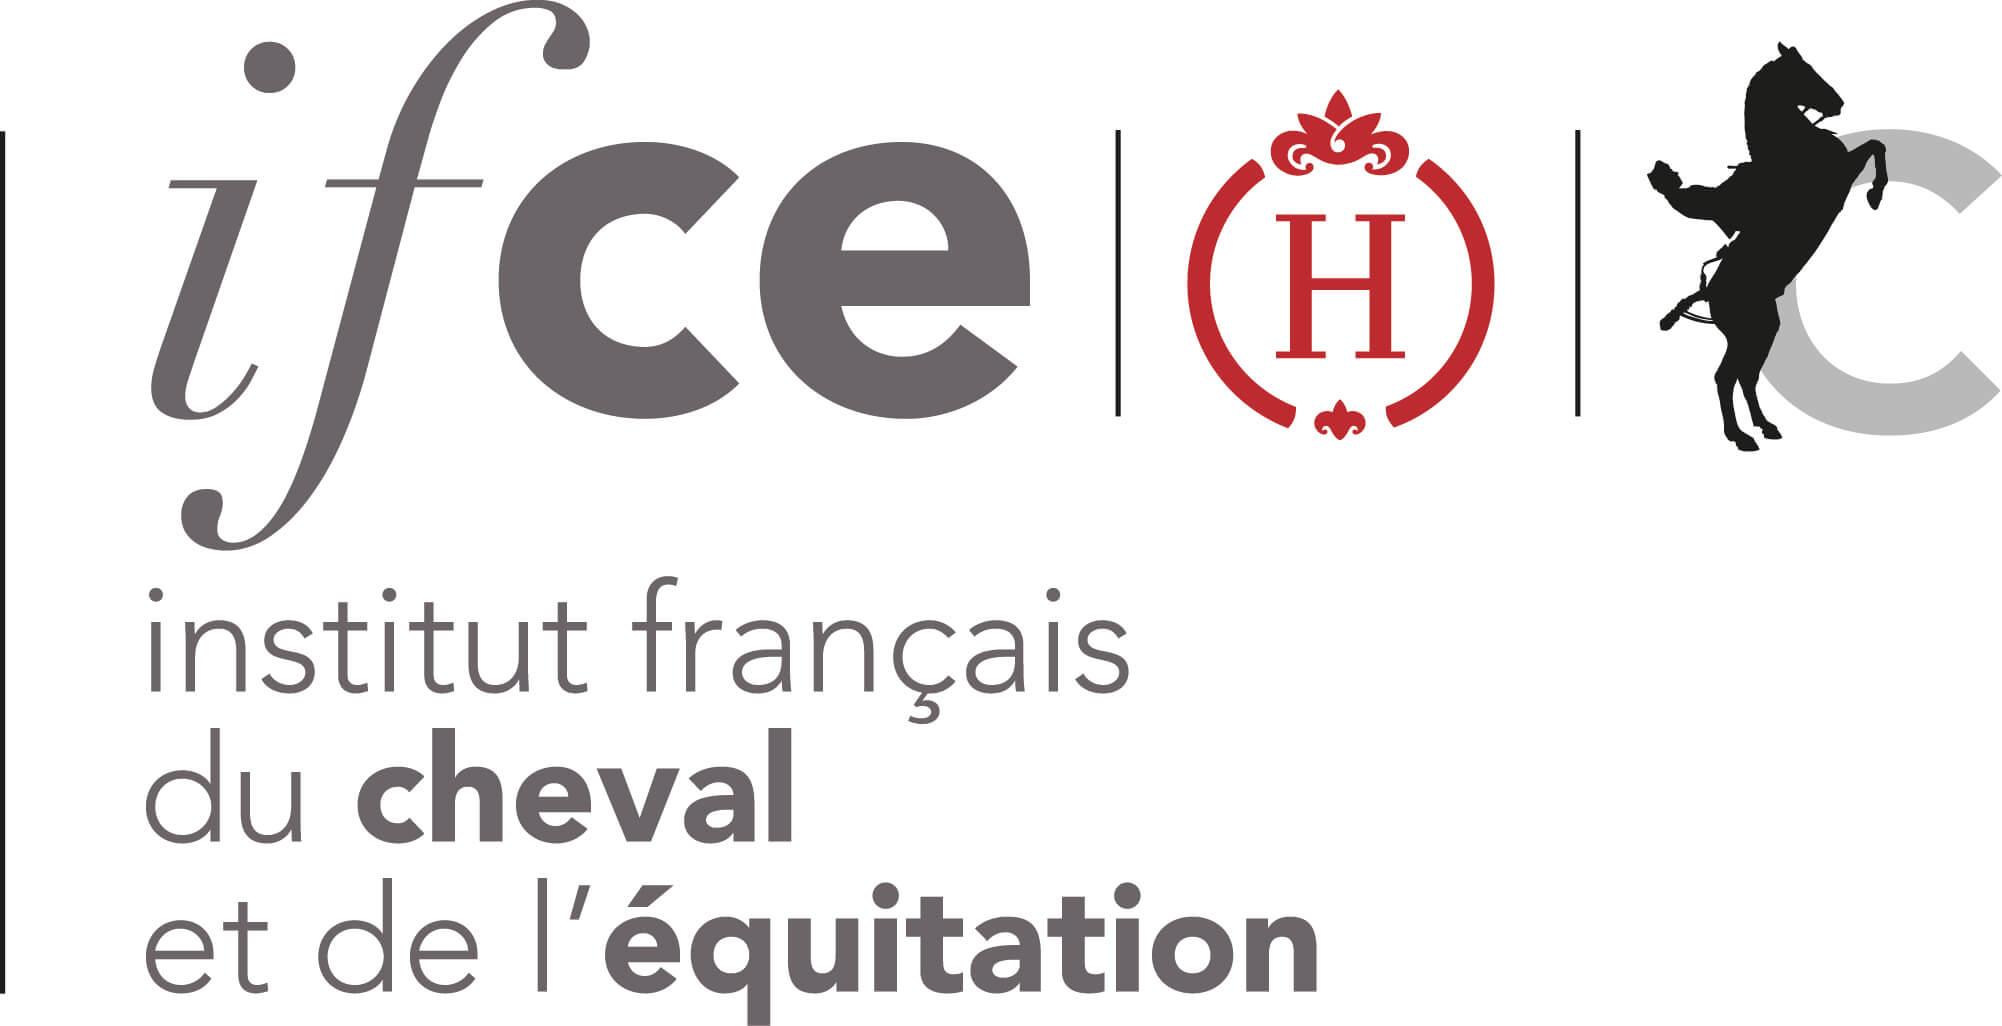 Logo Institut français du cheval et de l'équitation (IFCE)